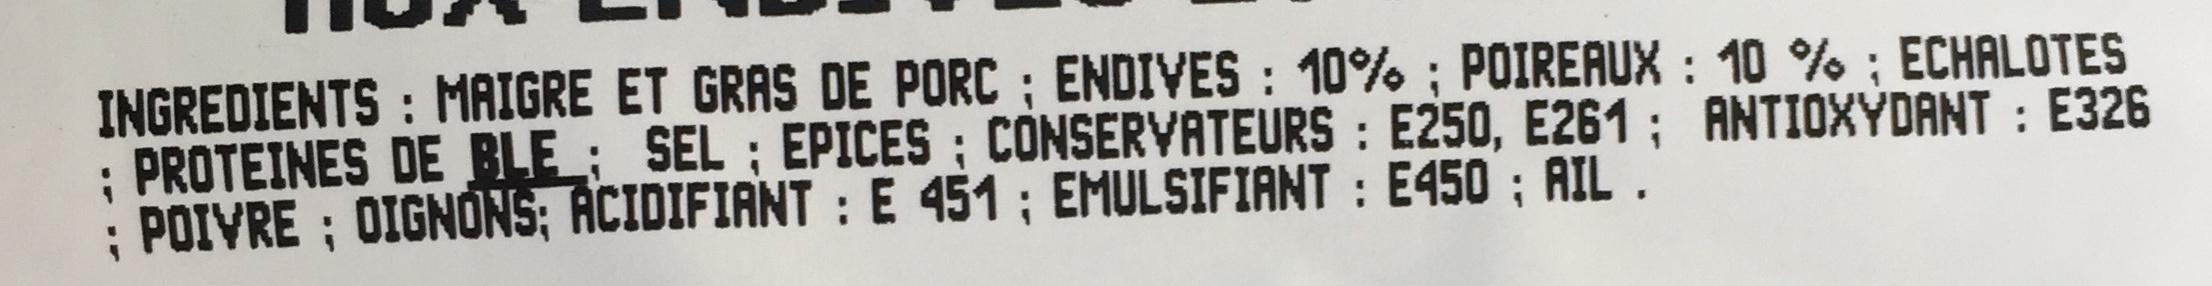 Saucisses Endives-Poireaux - Ingrédients